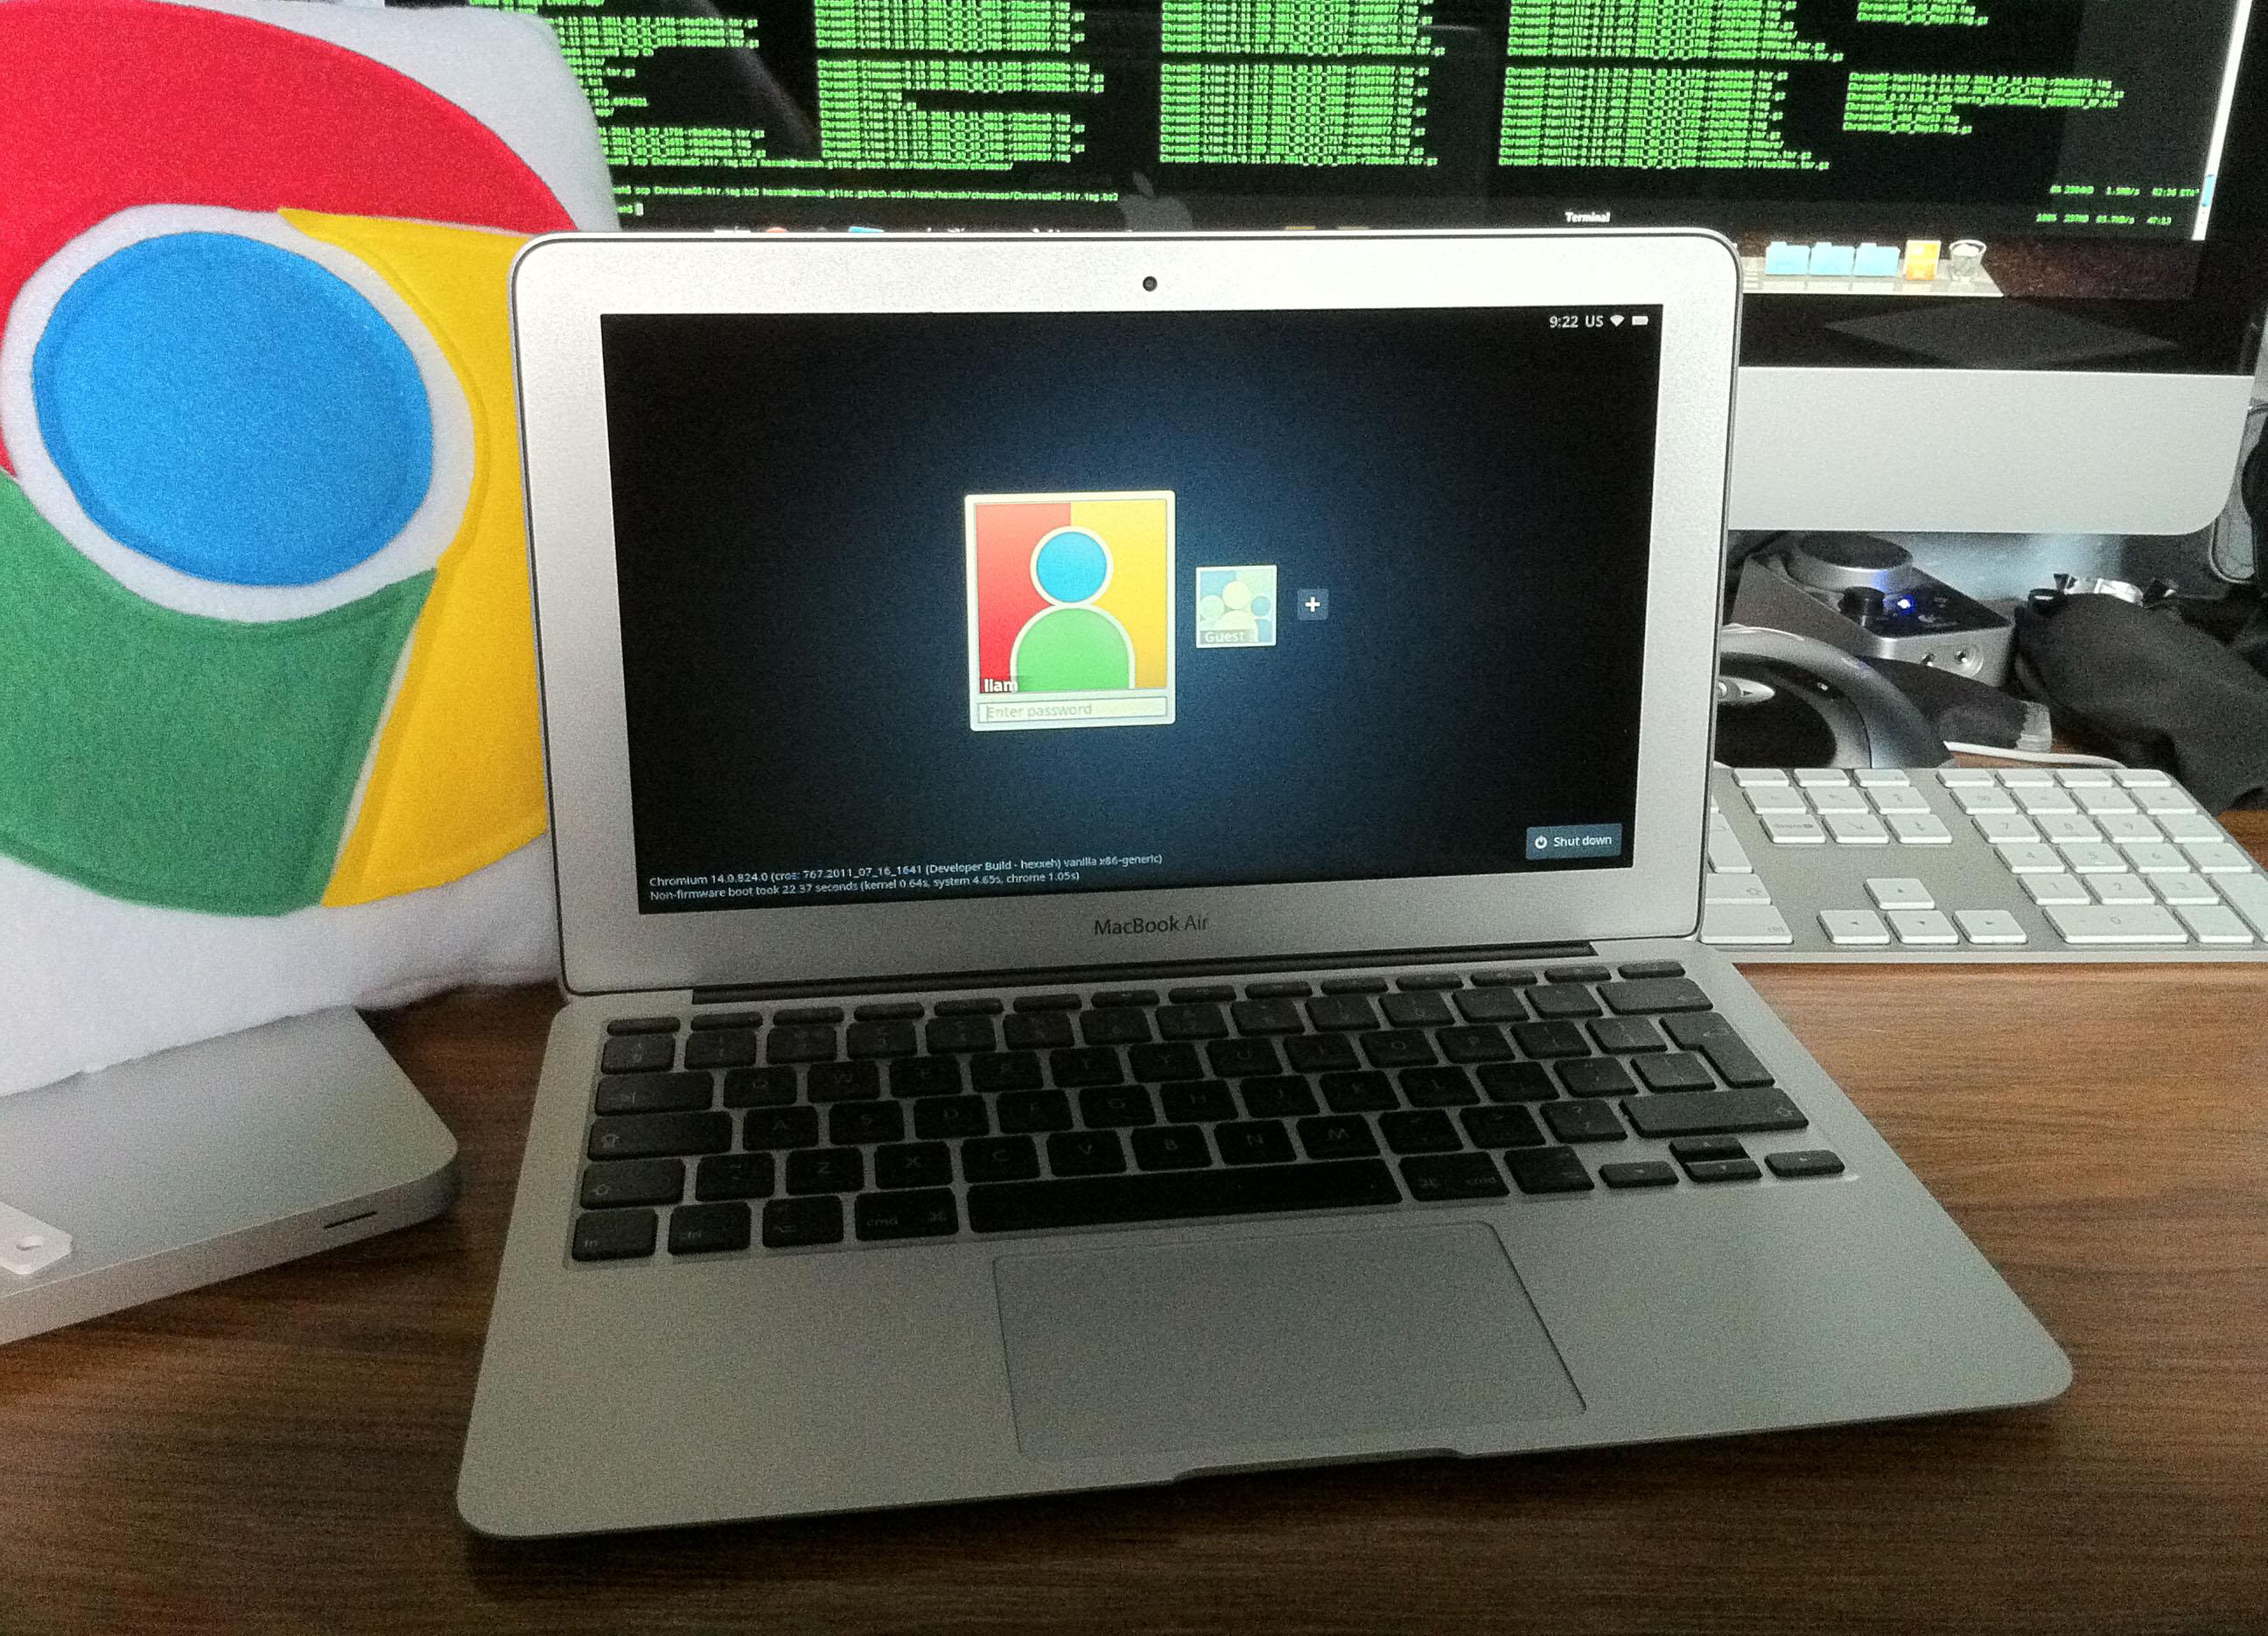 MacBook Air rodando o Chromium OS